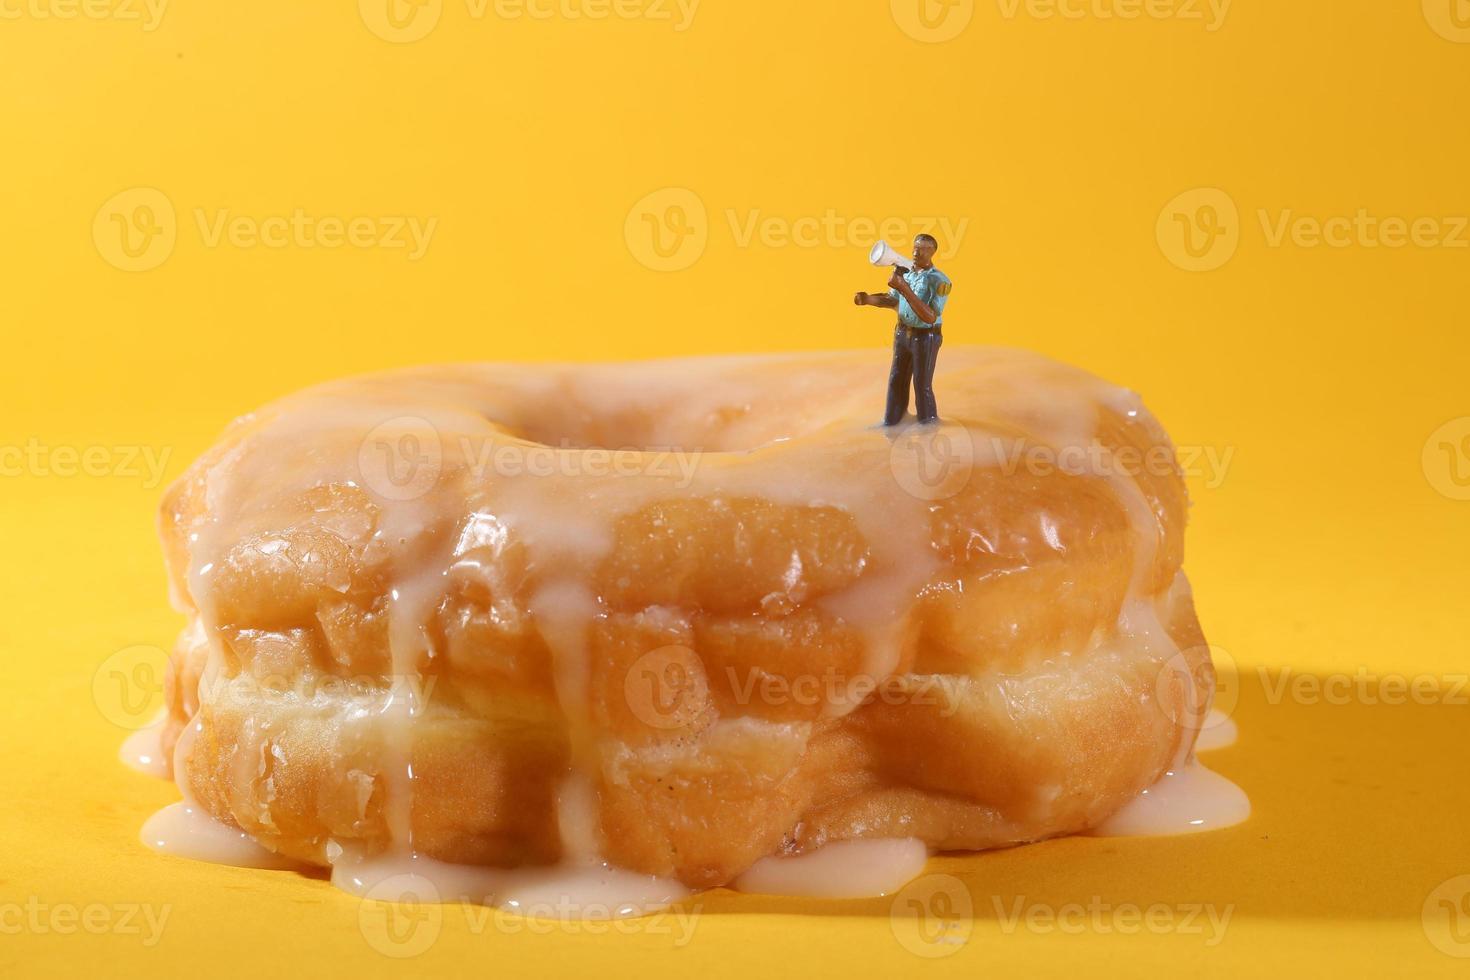 politieagenten in conceptuele voedselbeelden met donuts foto